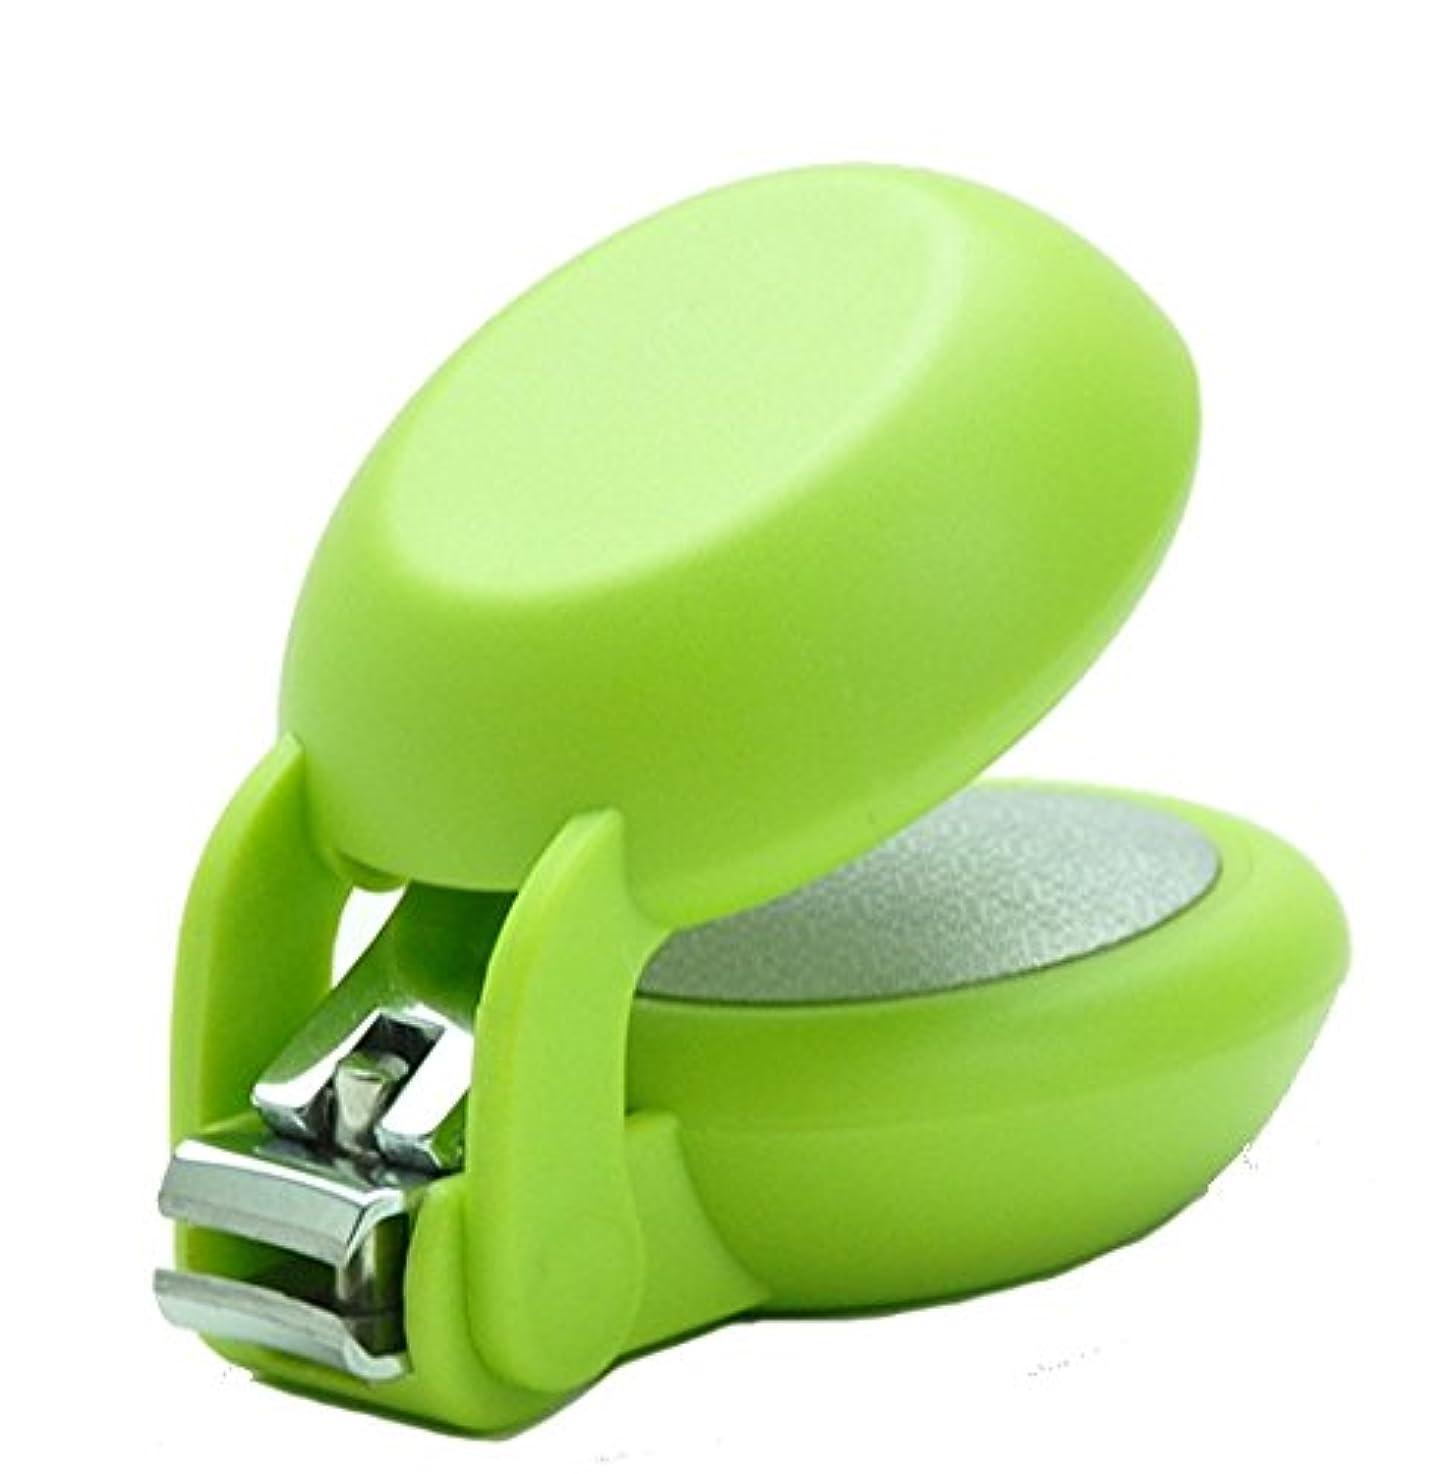 ちょっと待ってプロポーショナル有毒爪切り nail clipper (ネイルクリッパー) Nail+ (ネイルプラス) Green (グリーン)